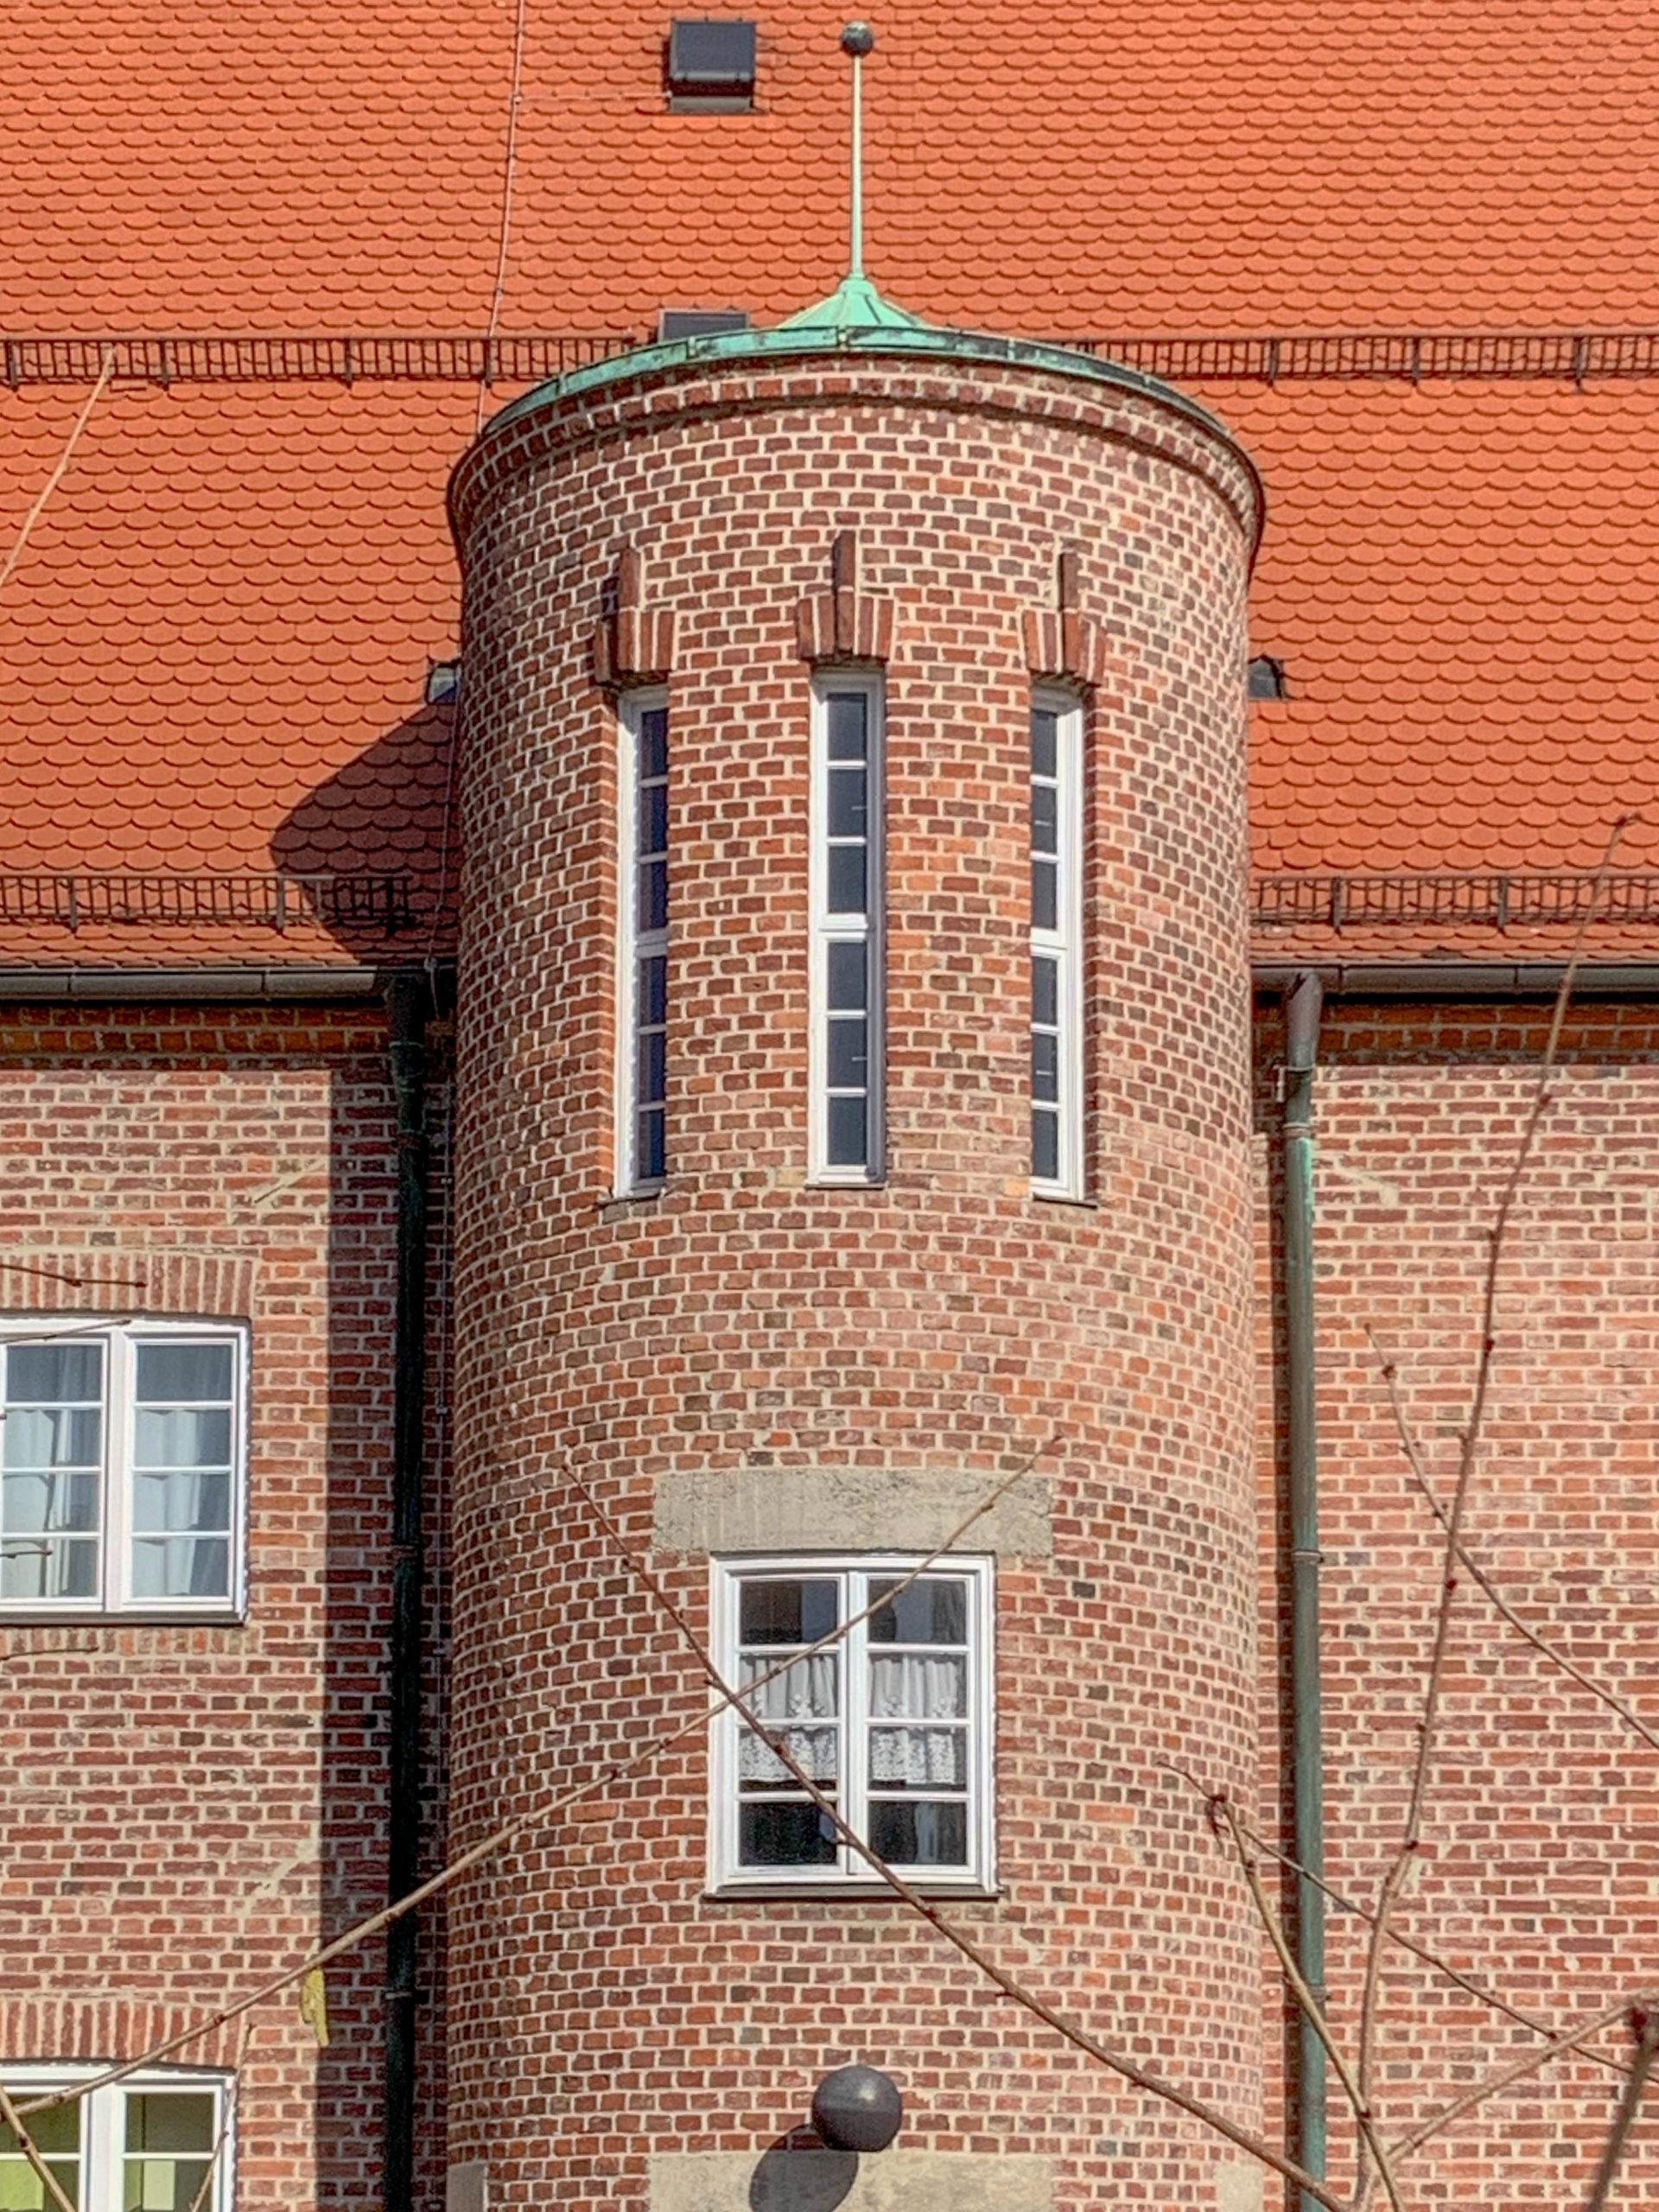 Ehemaliges Postamt, 1929. Architekten: Georg Werner, Eduard Härtinger